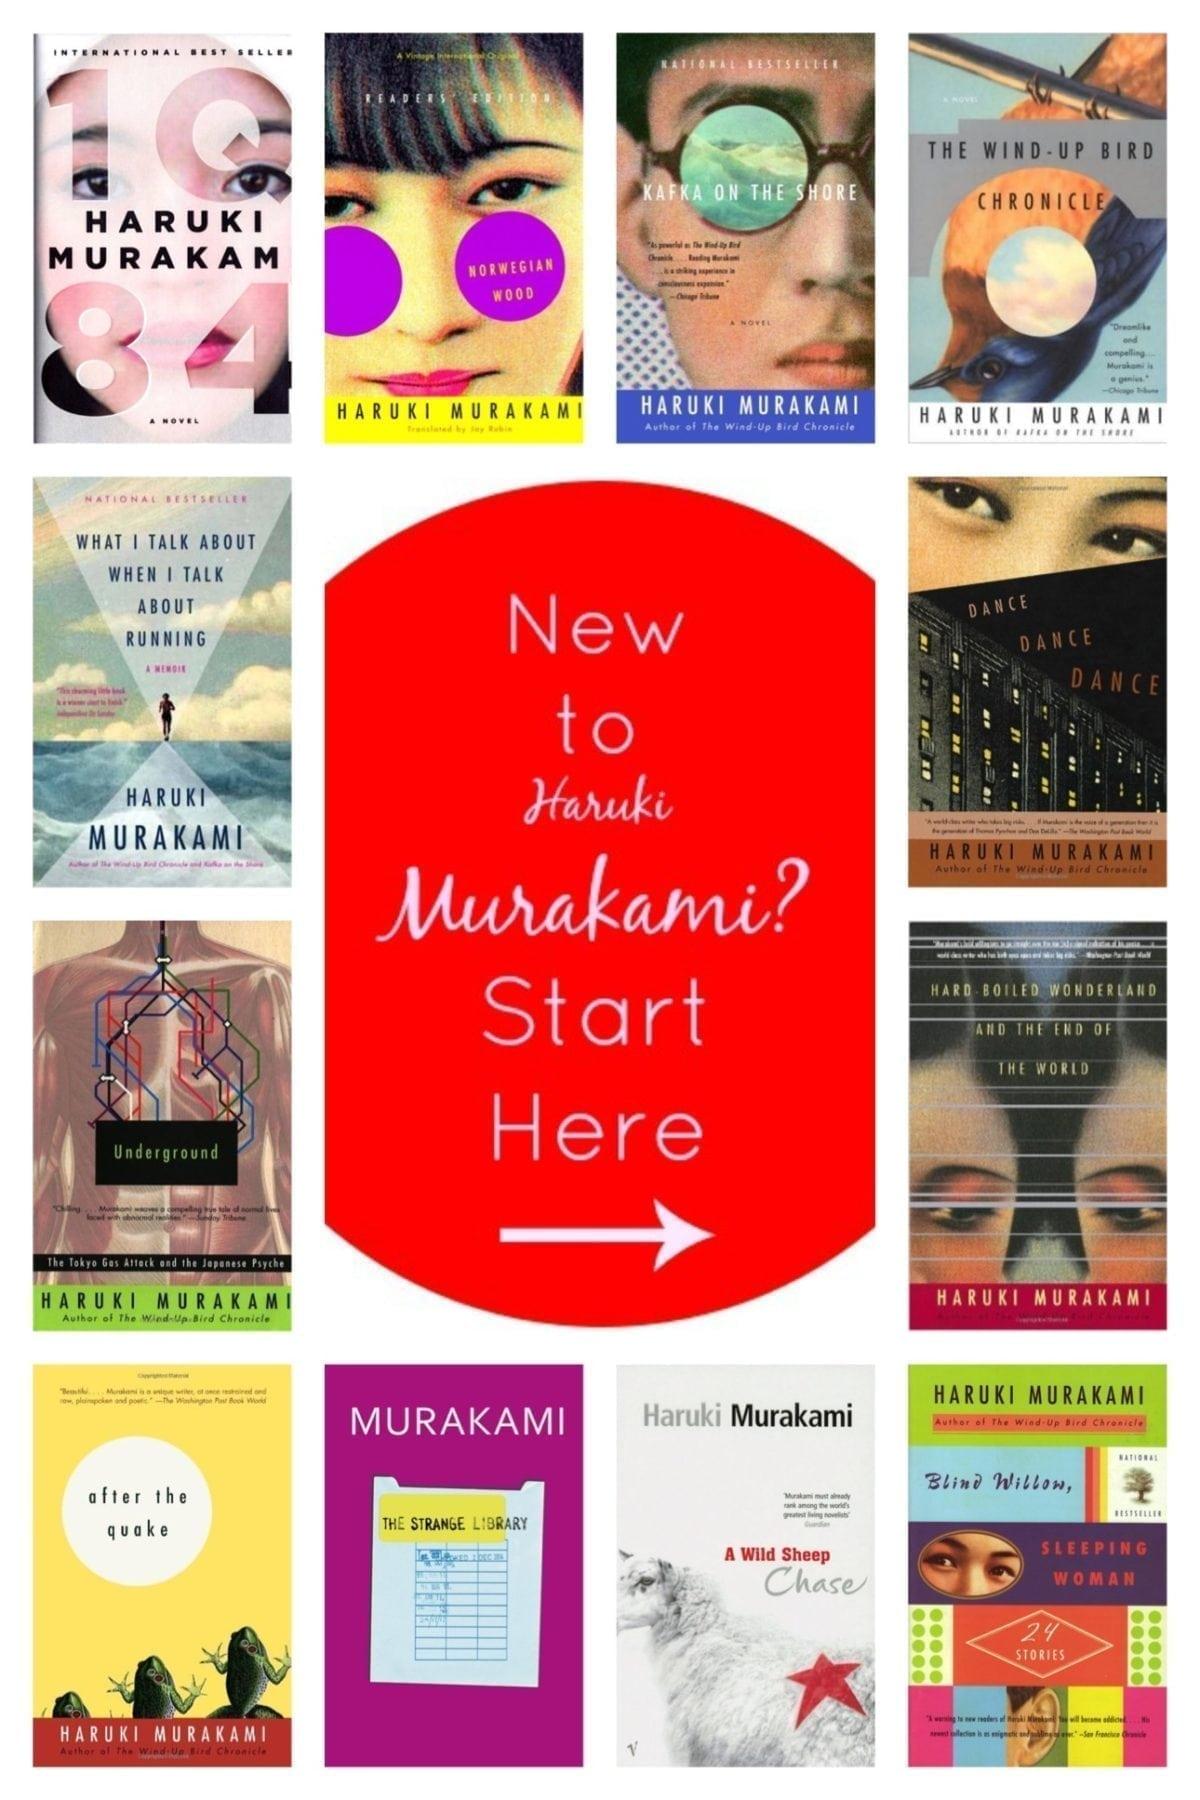 New to Murakami? Start here ==></noscript><img class=